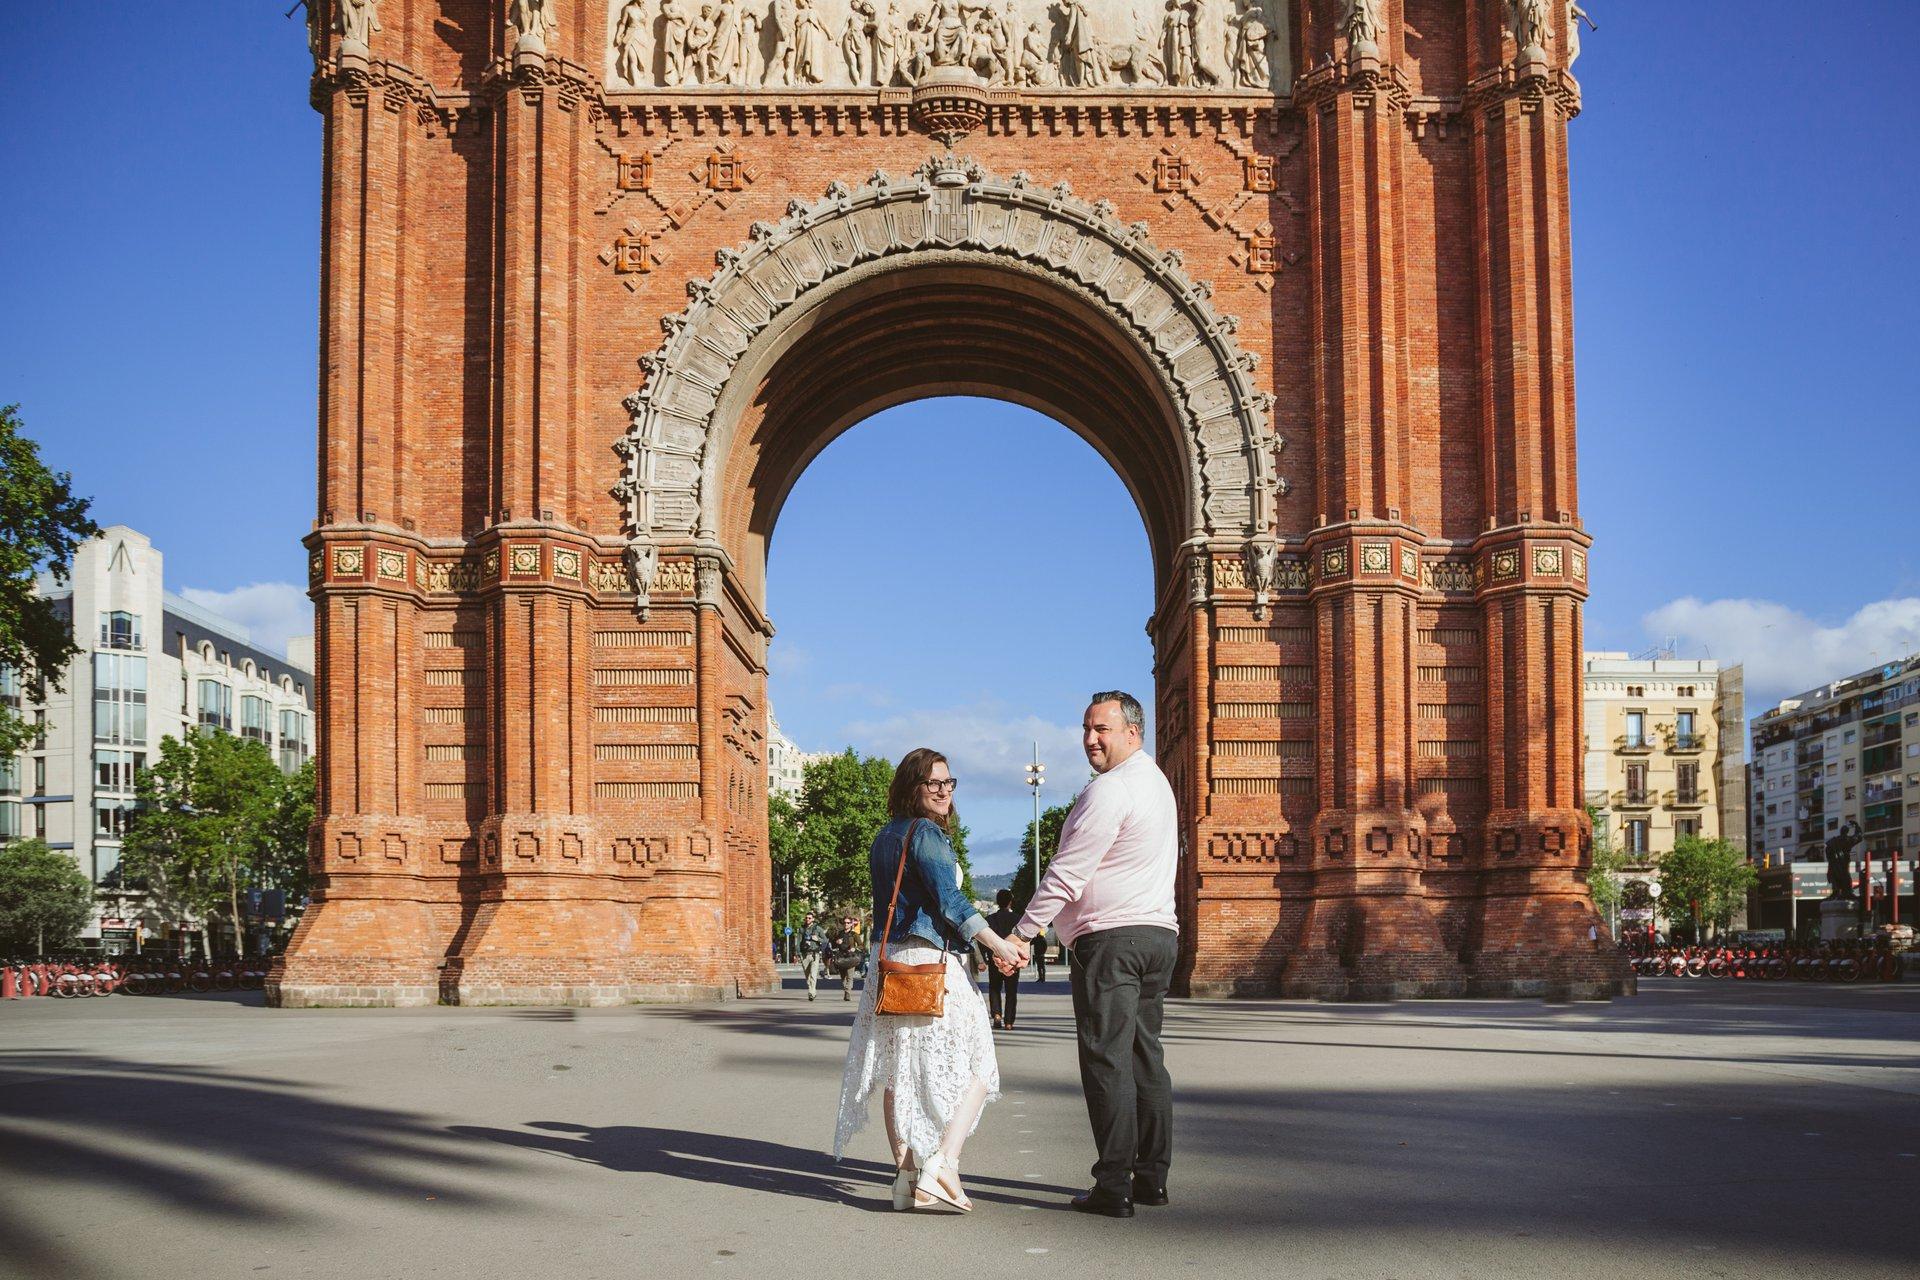 Barcelona-Spain-travel-story-Flytographer-1